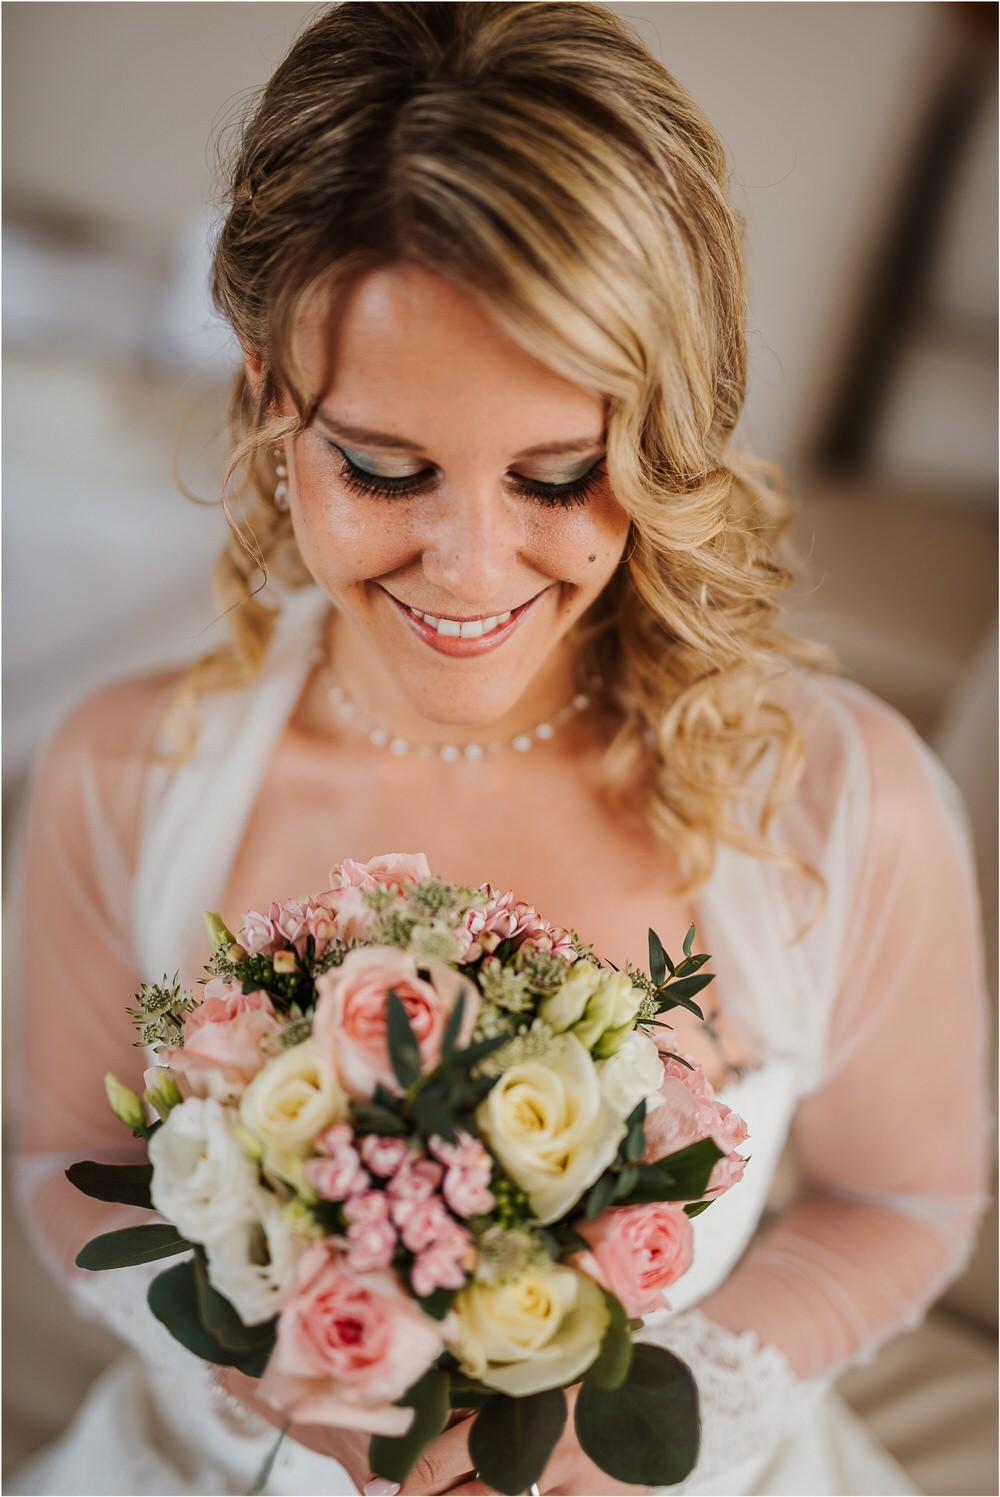 trippelgut kaernten oesterreich hochzeit fotograf phtoographer austria elegant wedding hochzeitsfotograf hochzeitsfotografie 0010.jpg